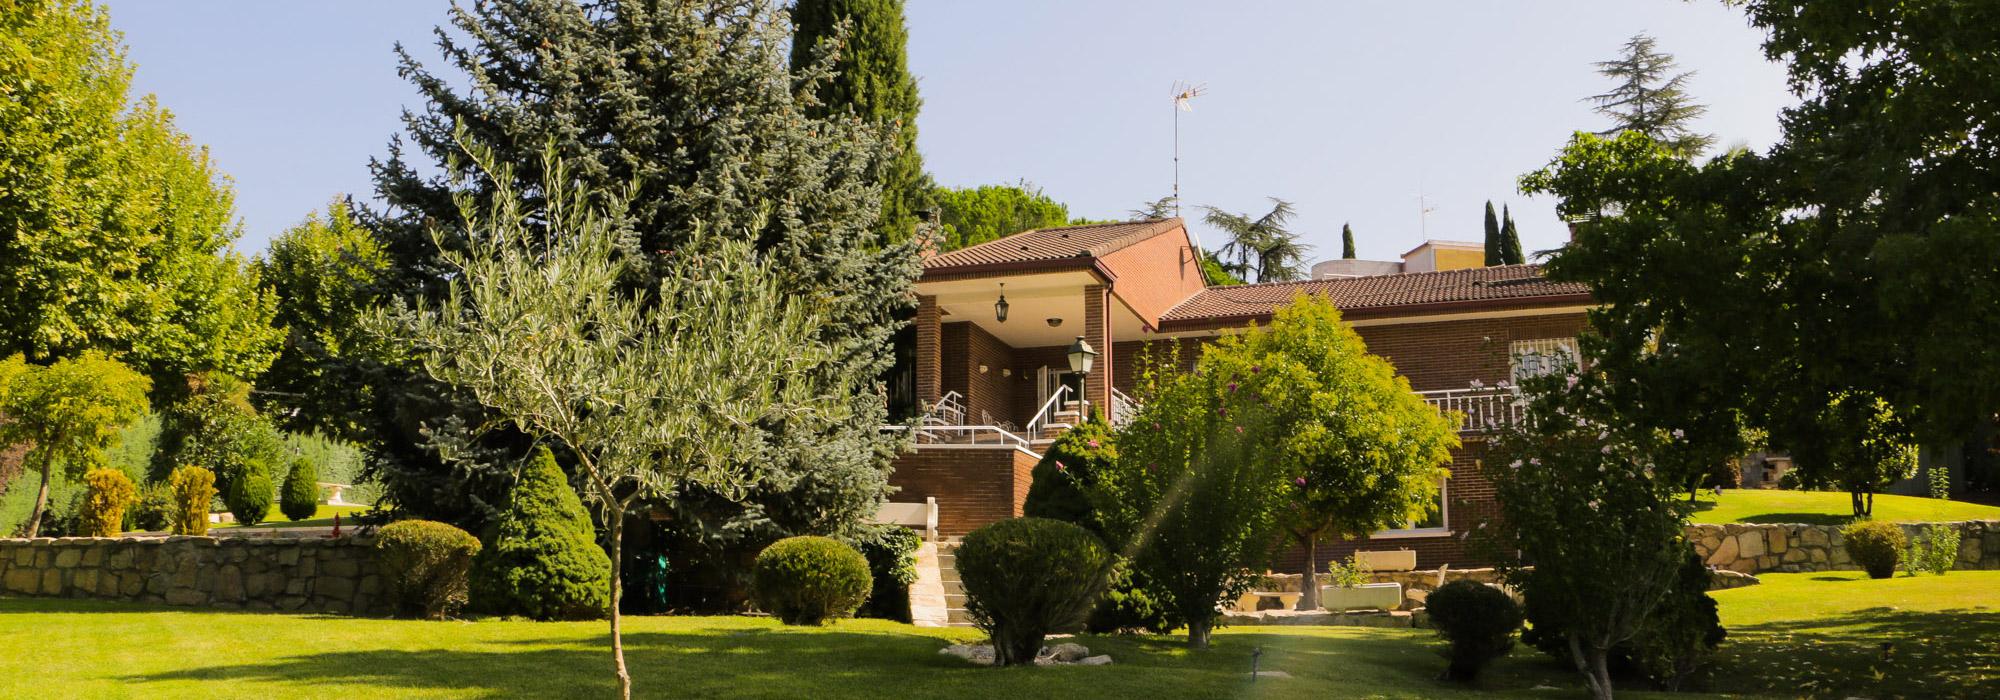 450m² Villa for Sale in Fuente Del Fresno, Madrid